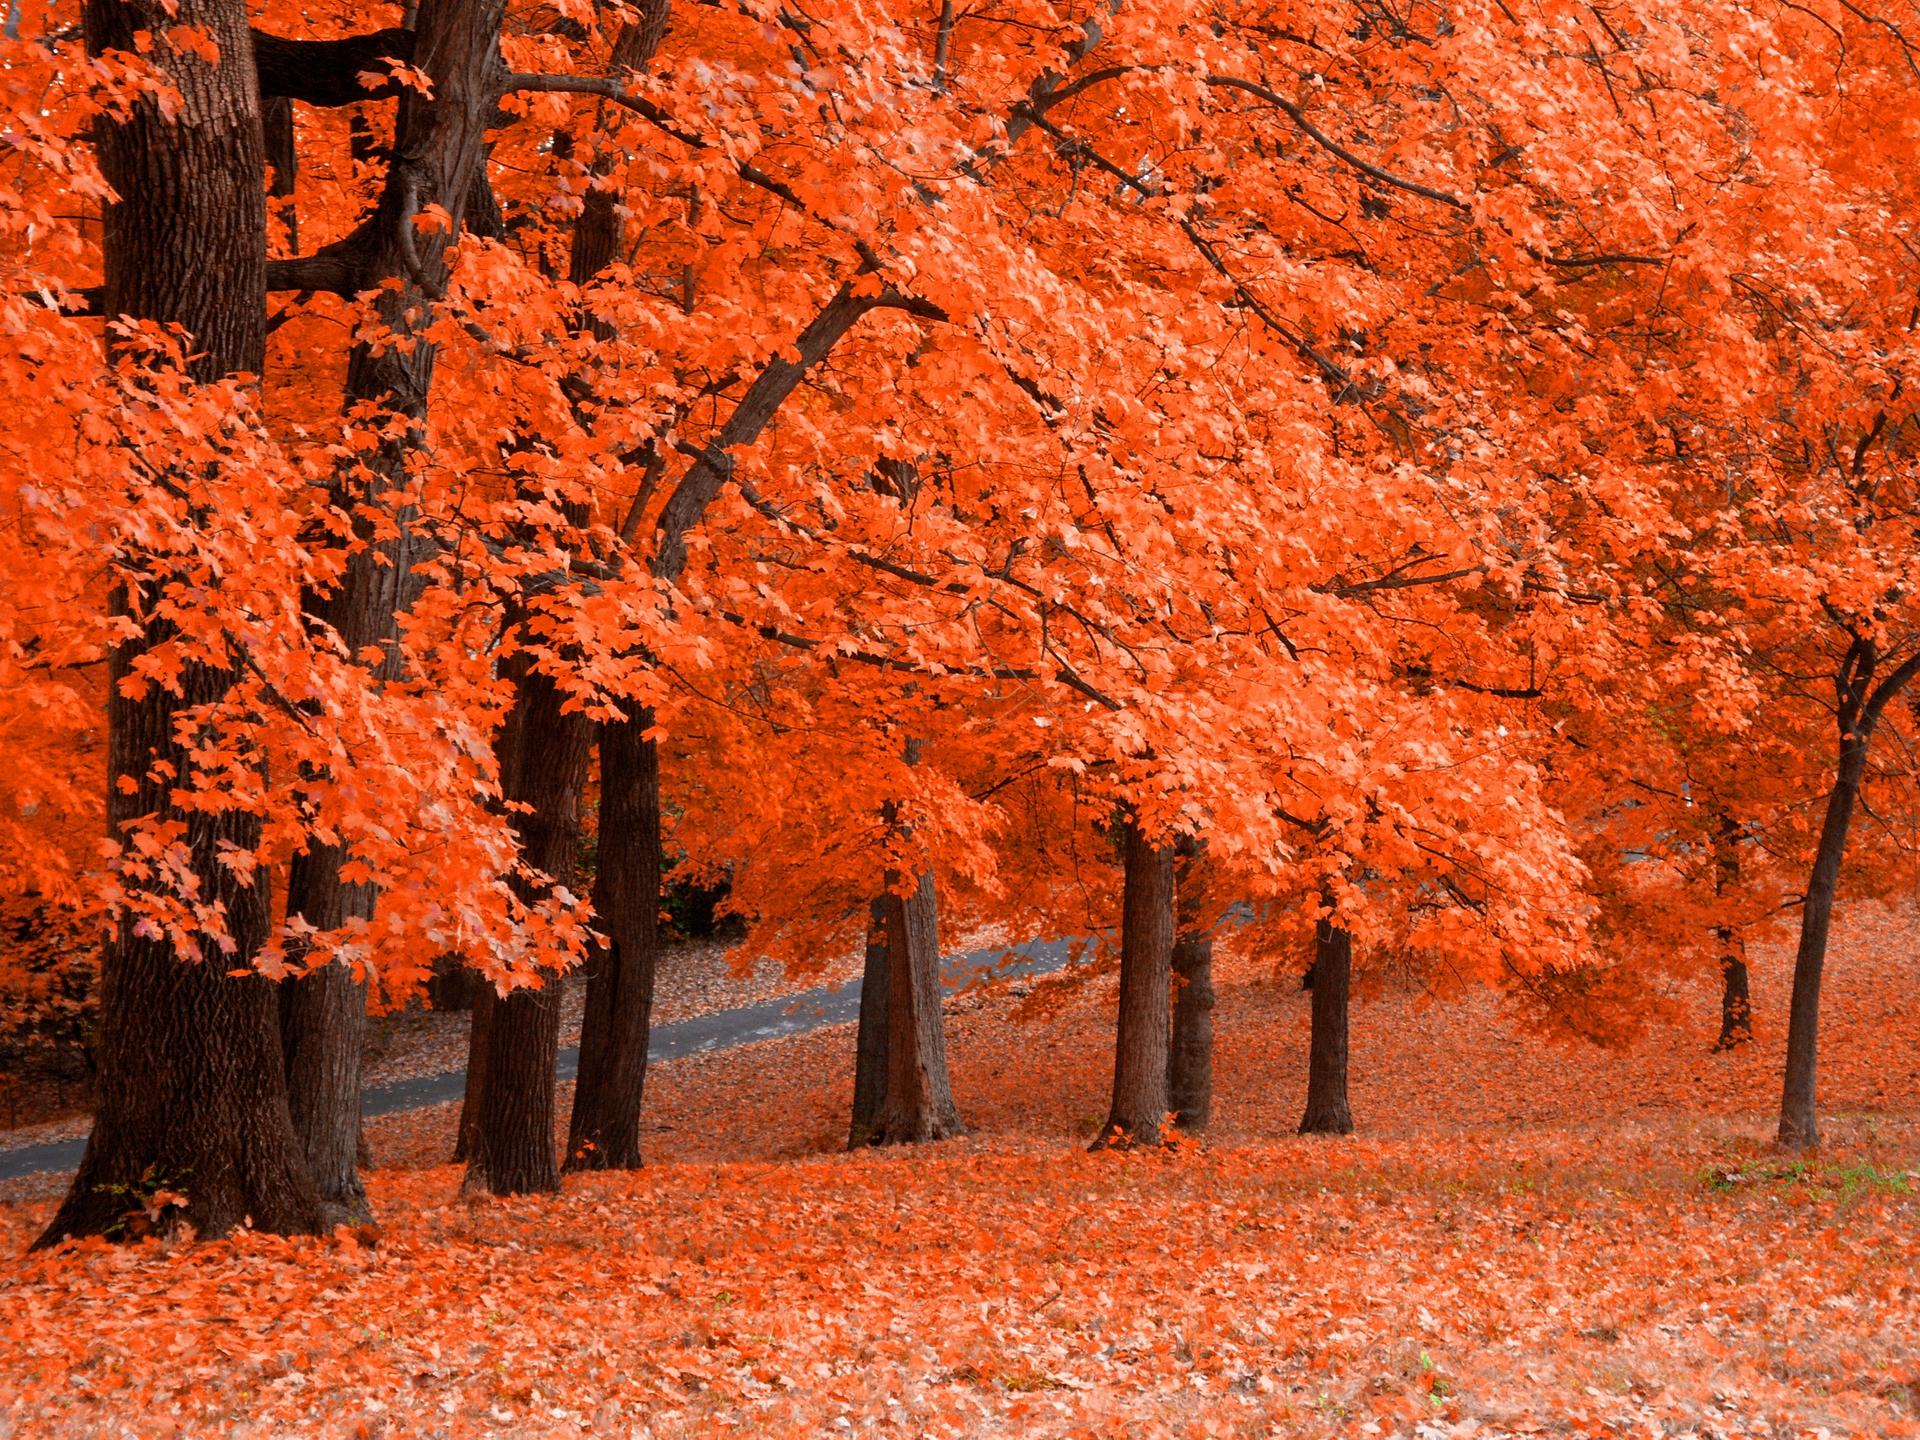 Fall Trees Wallpaper wallpaper Fall Trees Wallpaper hd wallpaper 1920x1440